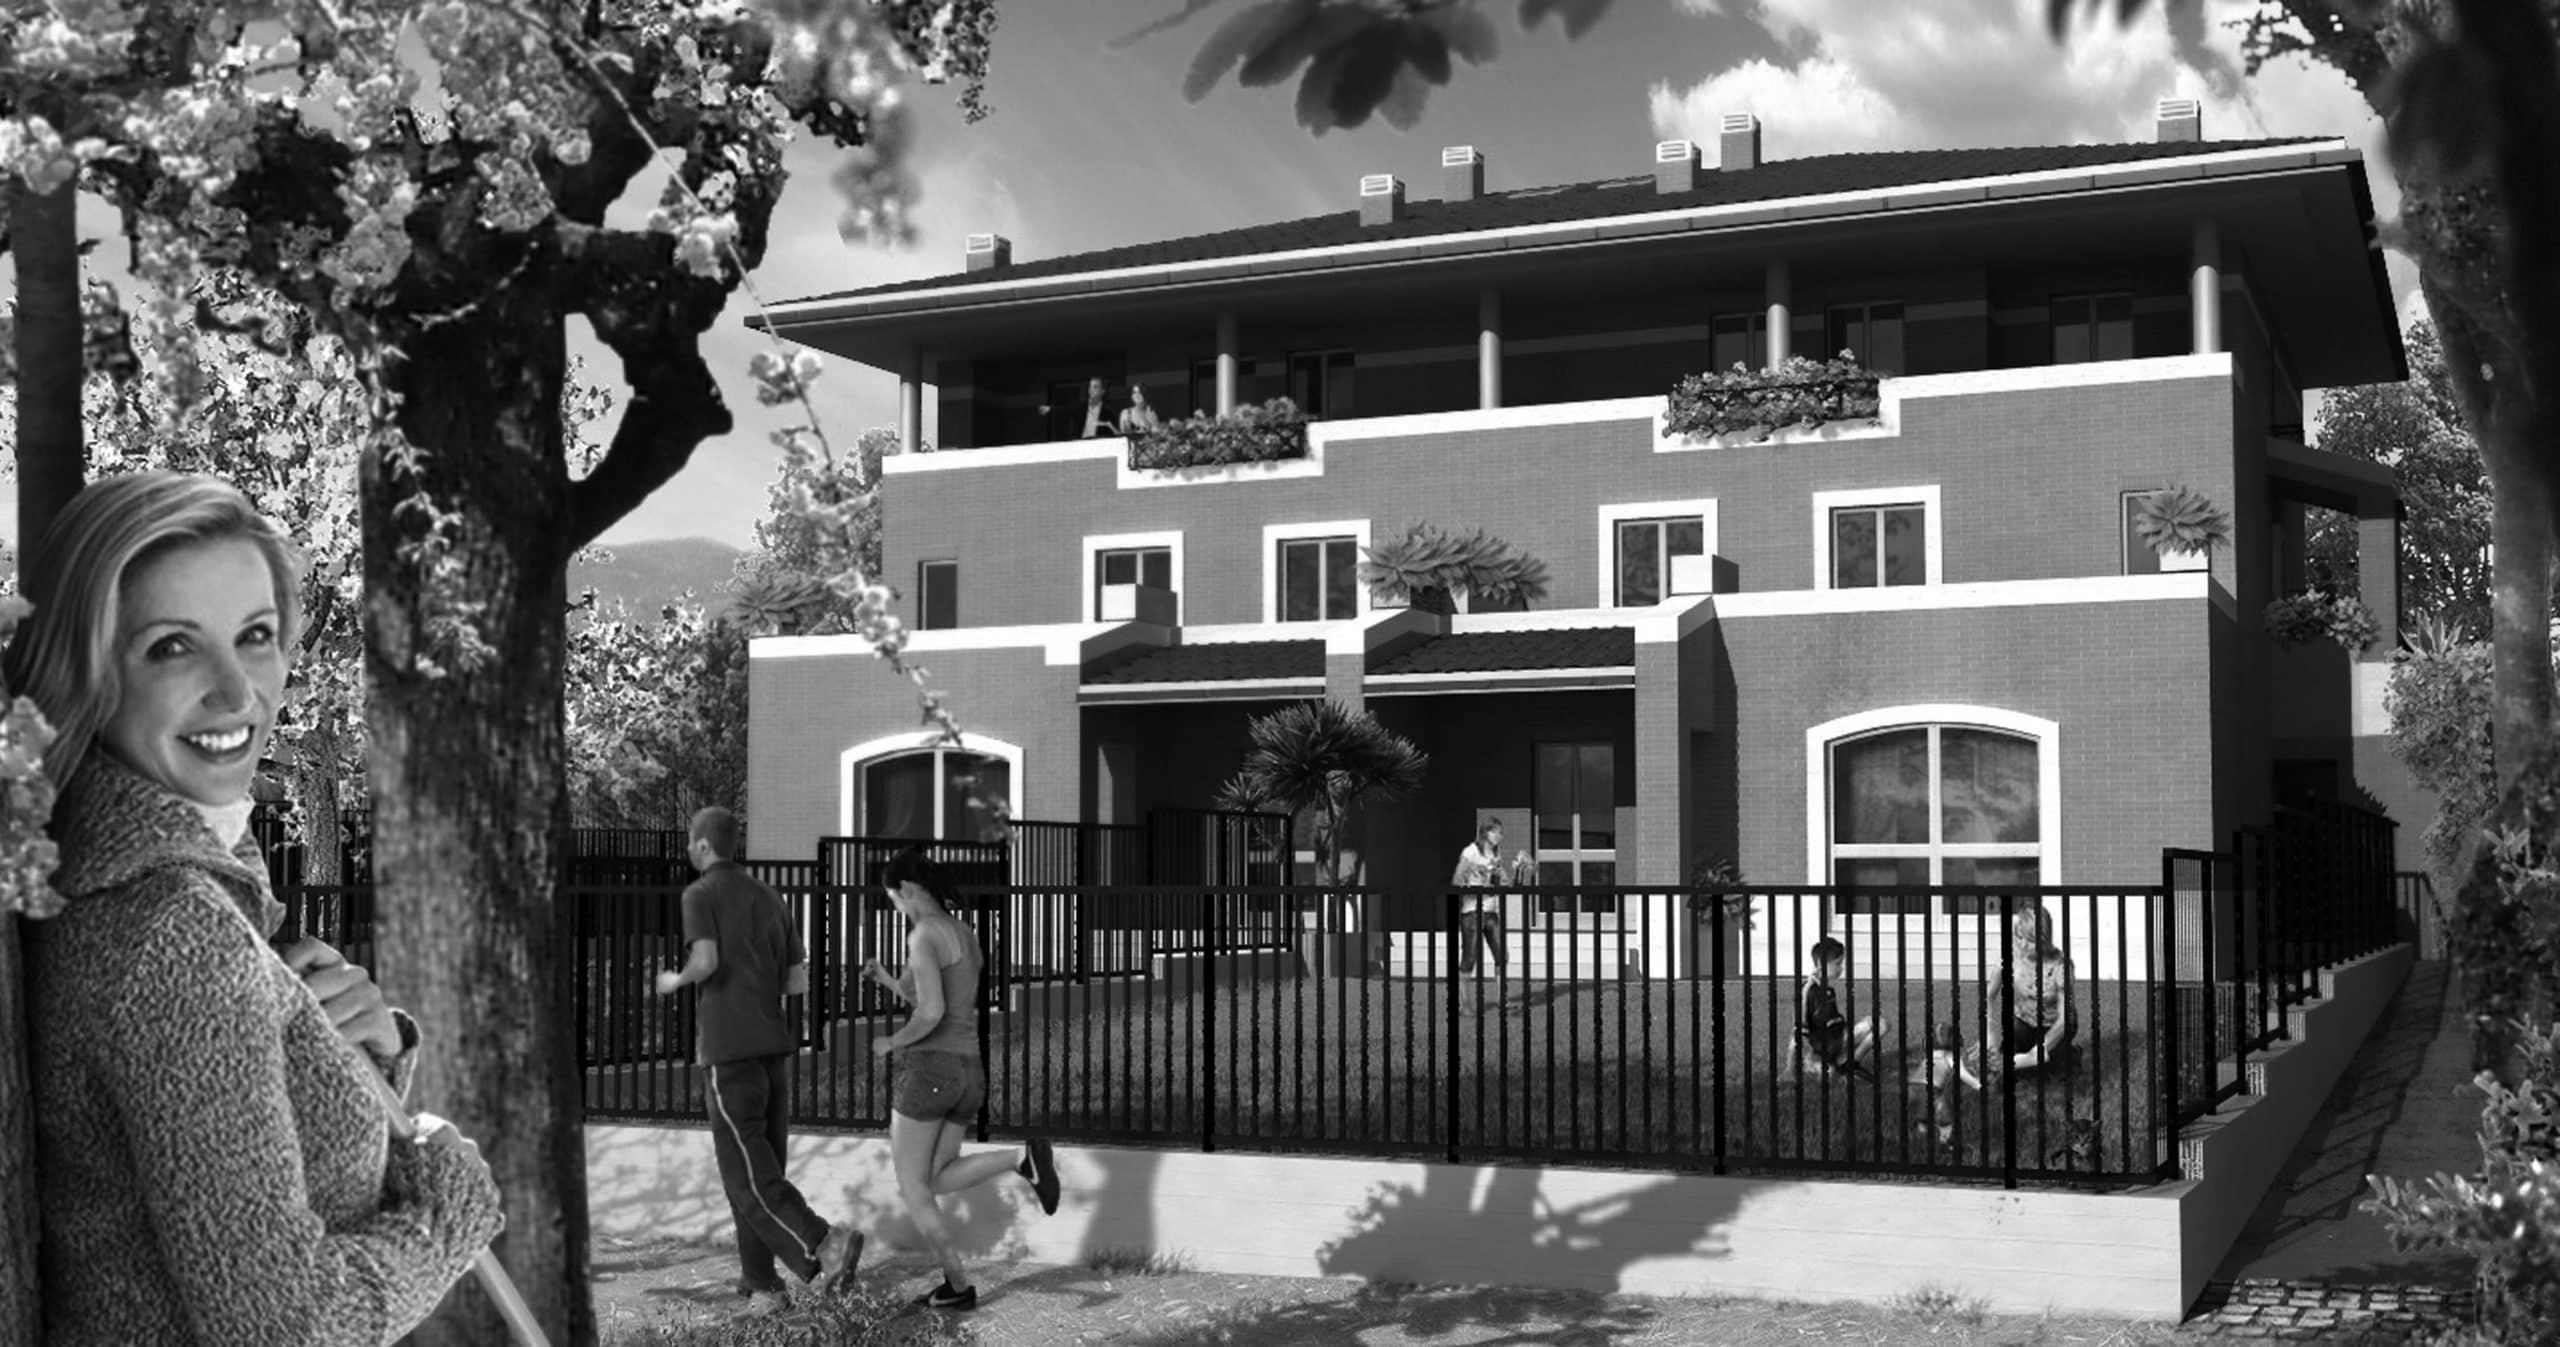 """25 - Progettazione urbanistica ed architettonica di complesso residenziale per 52 alloggi di edilizia sovvenzionata, 30 alloggi di edilizia agevolata e 110 alloggi di edilizia privata nel Piano Integrato """"Trigoria II"""" ex art. 18 legge 203/1990 in via di Trigoria, Roma. In corso di realizzazione - Vista di una delle quadrifamiliari"""